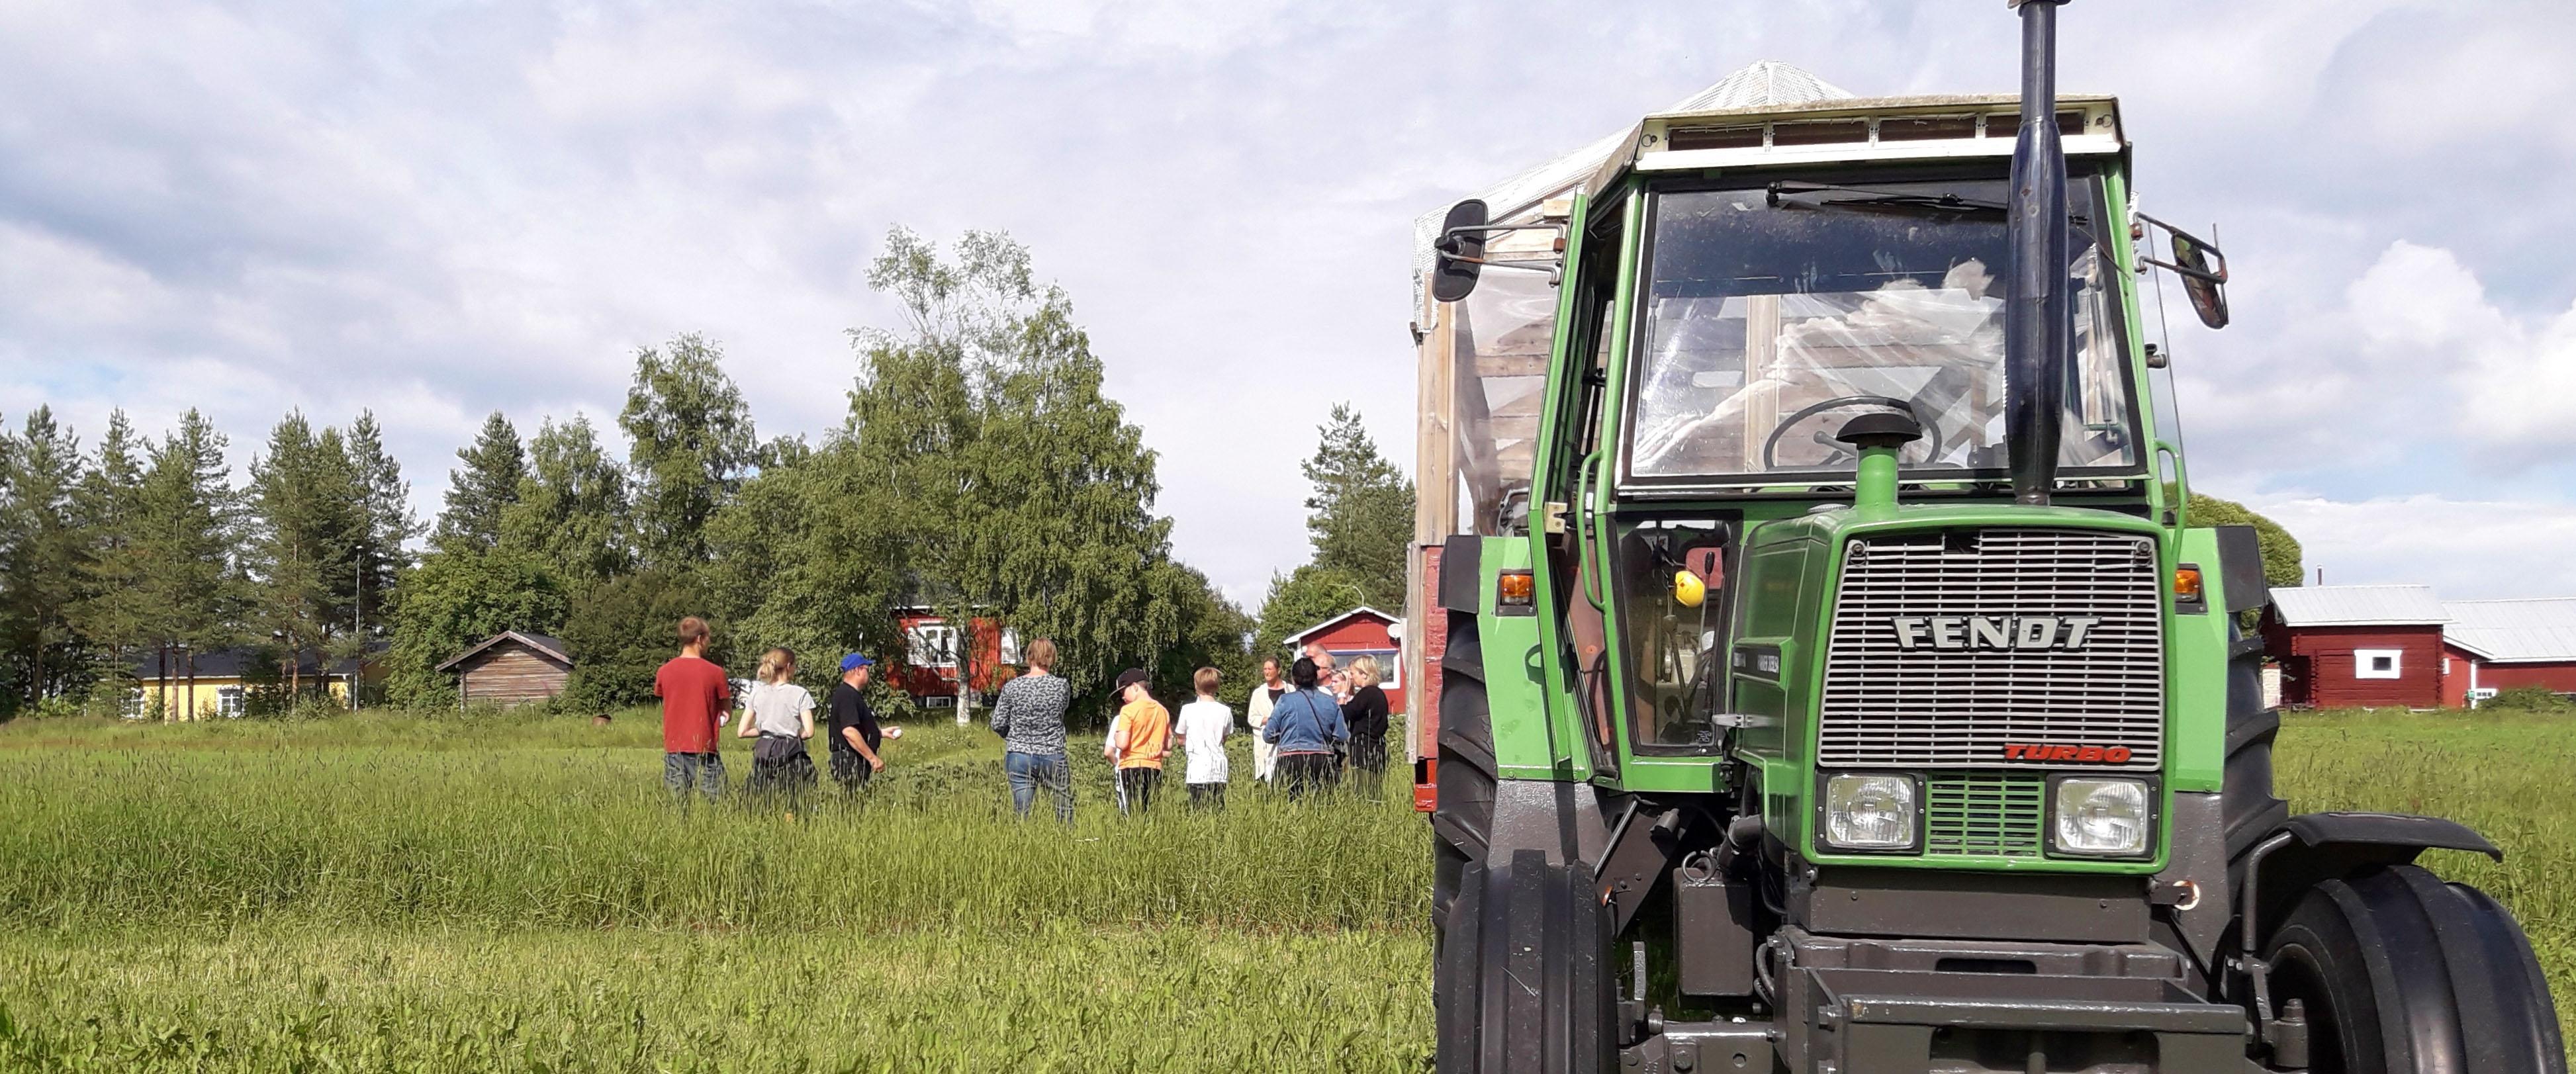 Traktor på safari